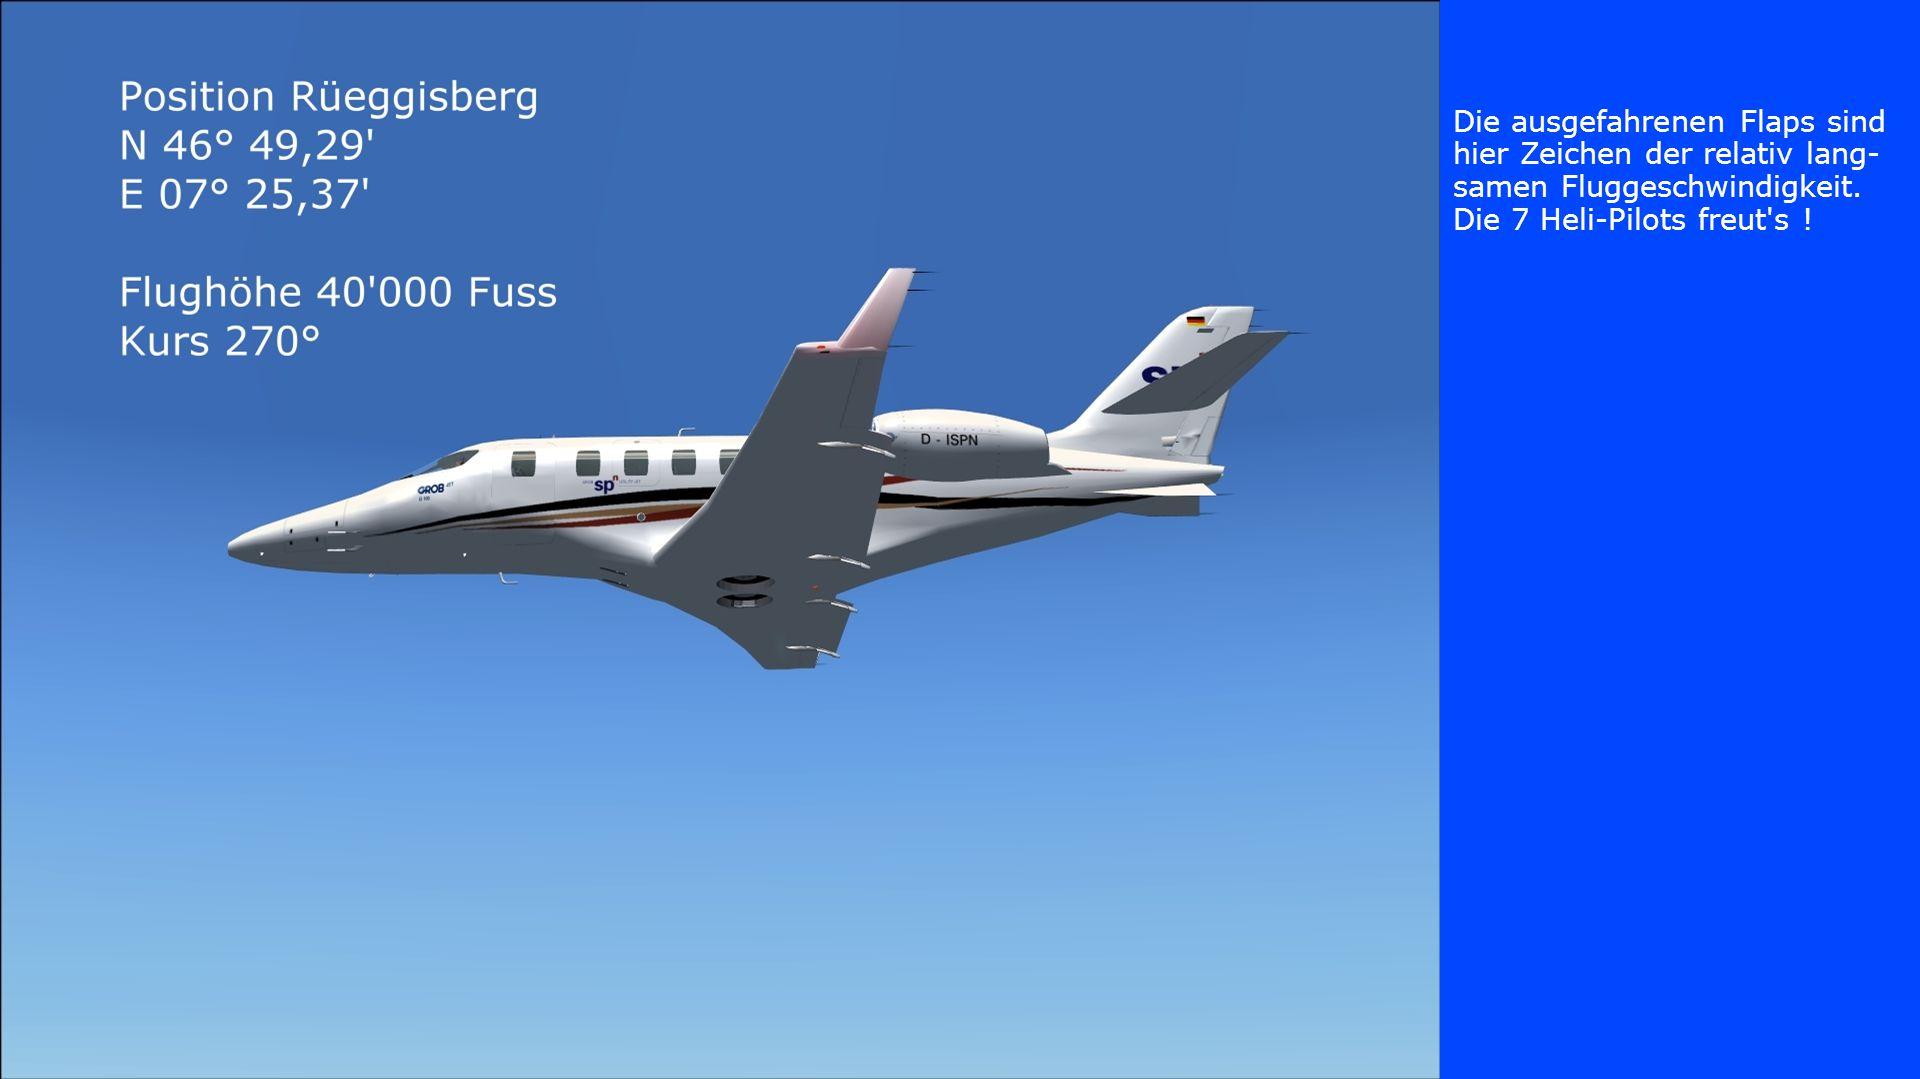 Die ausgefahrenen Flaps sind hier Zeichen der relativ lang- samen Fluggeschwindigkeit. Die 7 Heli-Pilots freut's !